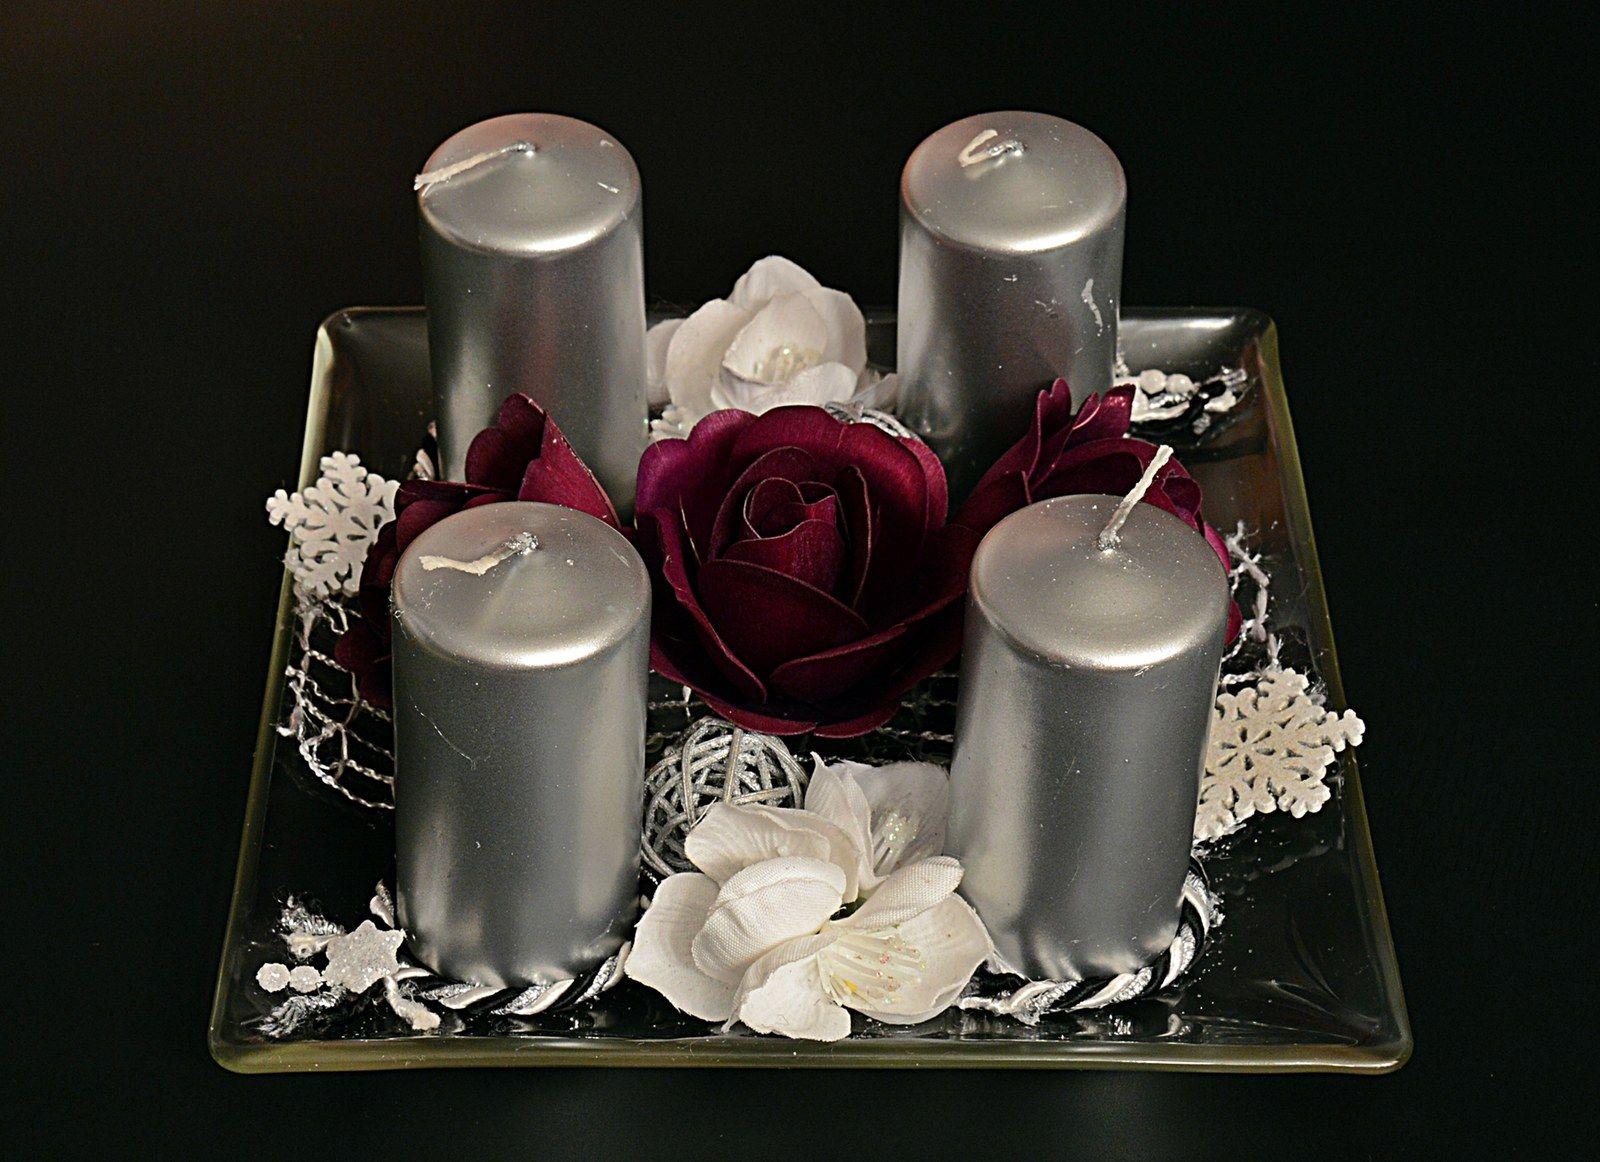 elegance na skle Vánoční dekorace o velikosti 18 cm na skleněném podnose se stříbrnými svíčkami (v ceně) + s fialovými růžemi (dřevotříska) a ostatní vánoční přízdobou.